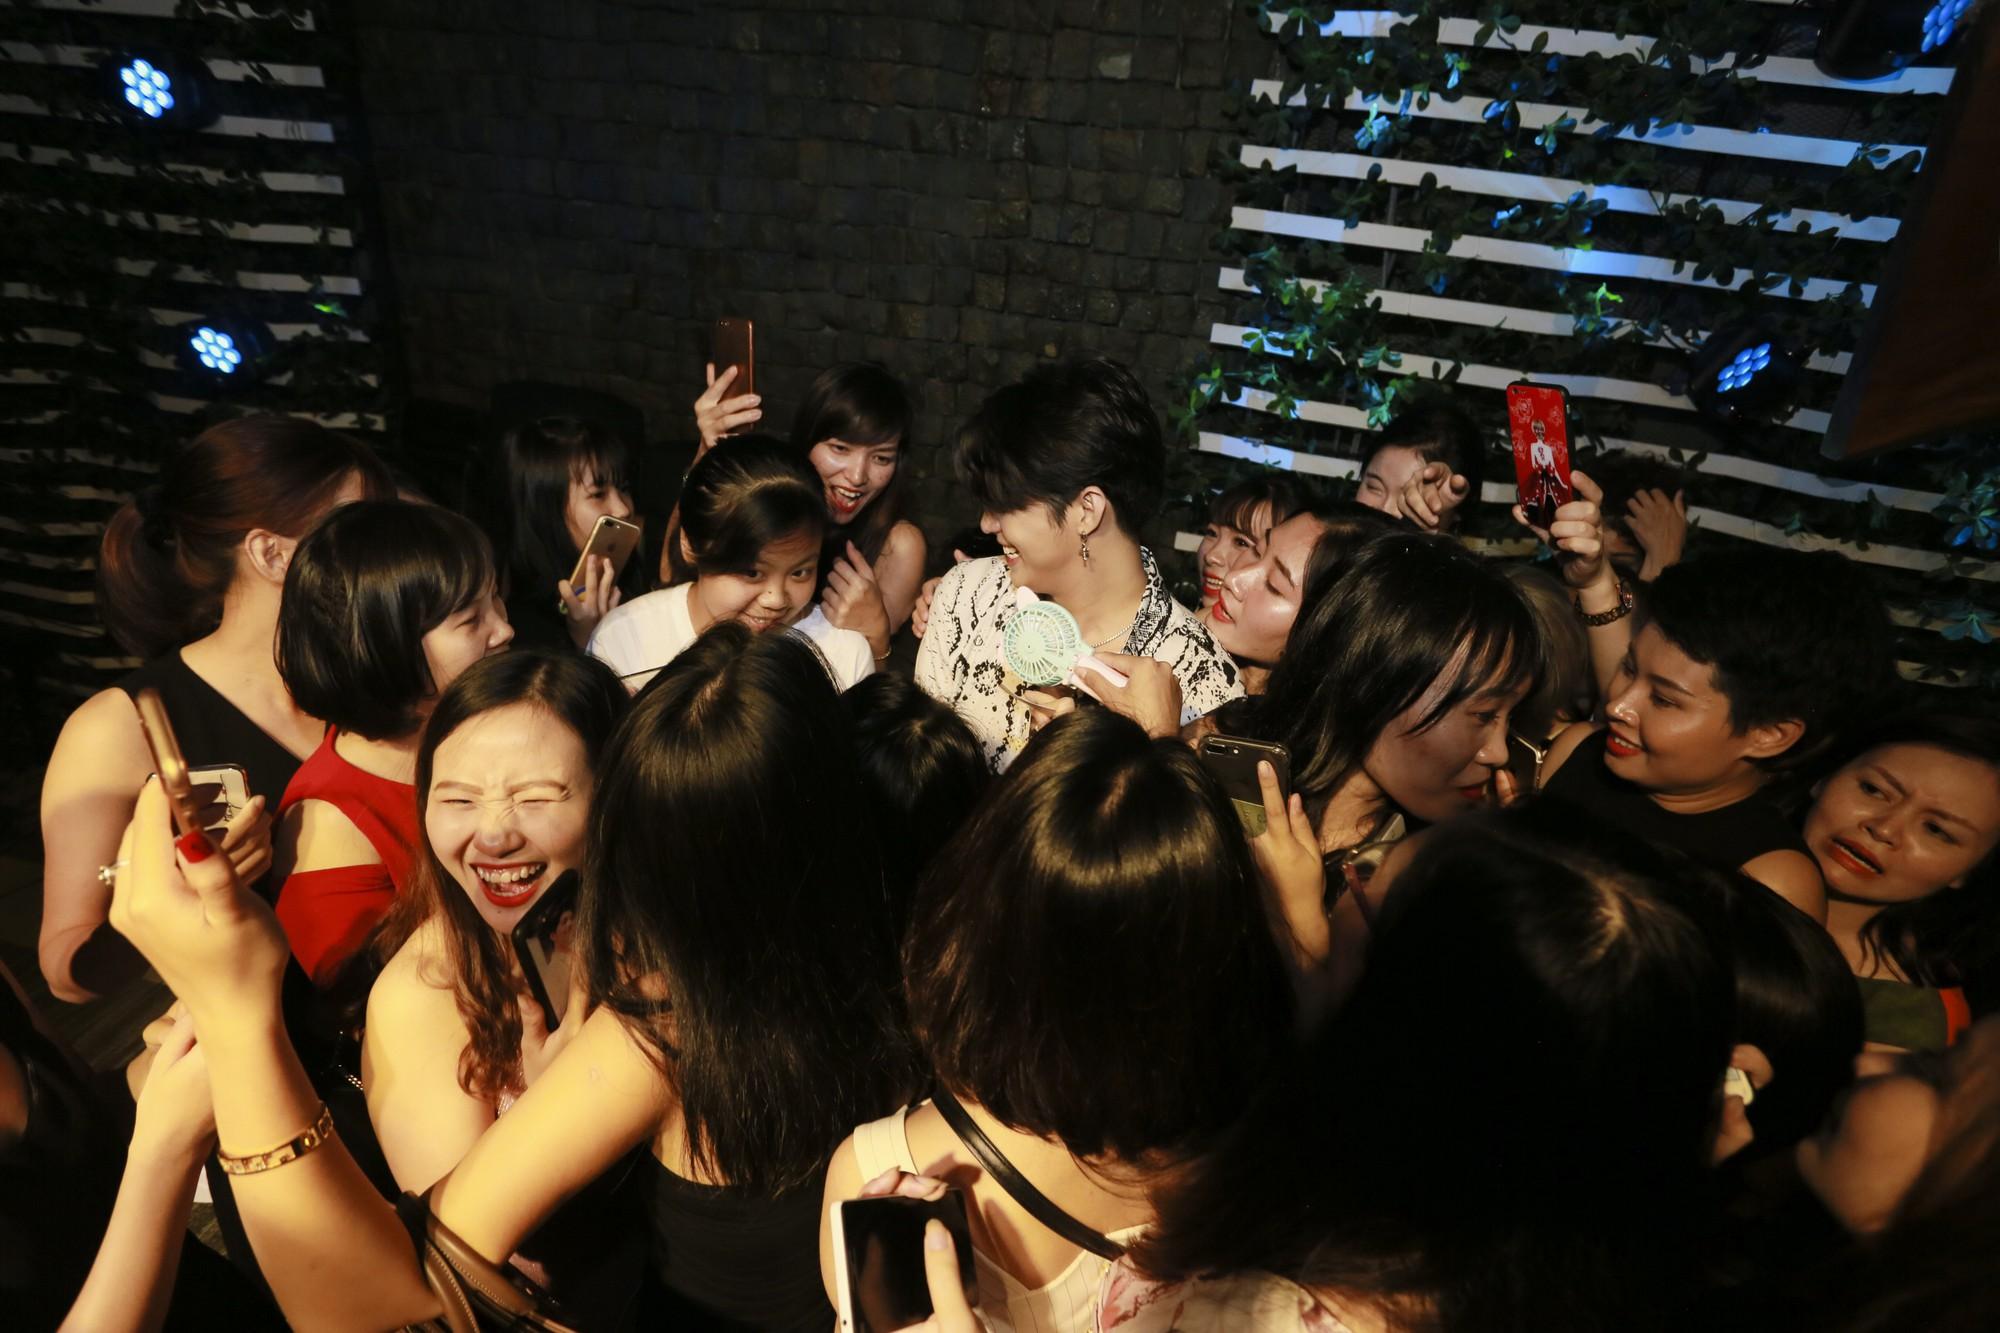 """Noo Phước Thịnh úp mở kế hoạch kỉ niệm 10 năm ca hát, cùng học trò """"The Voice 2018"""" bùng nổ trong đêm nhạc ở thủ đô - Ảnh 12."""